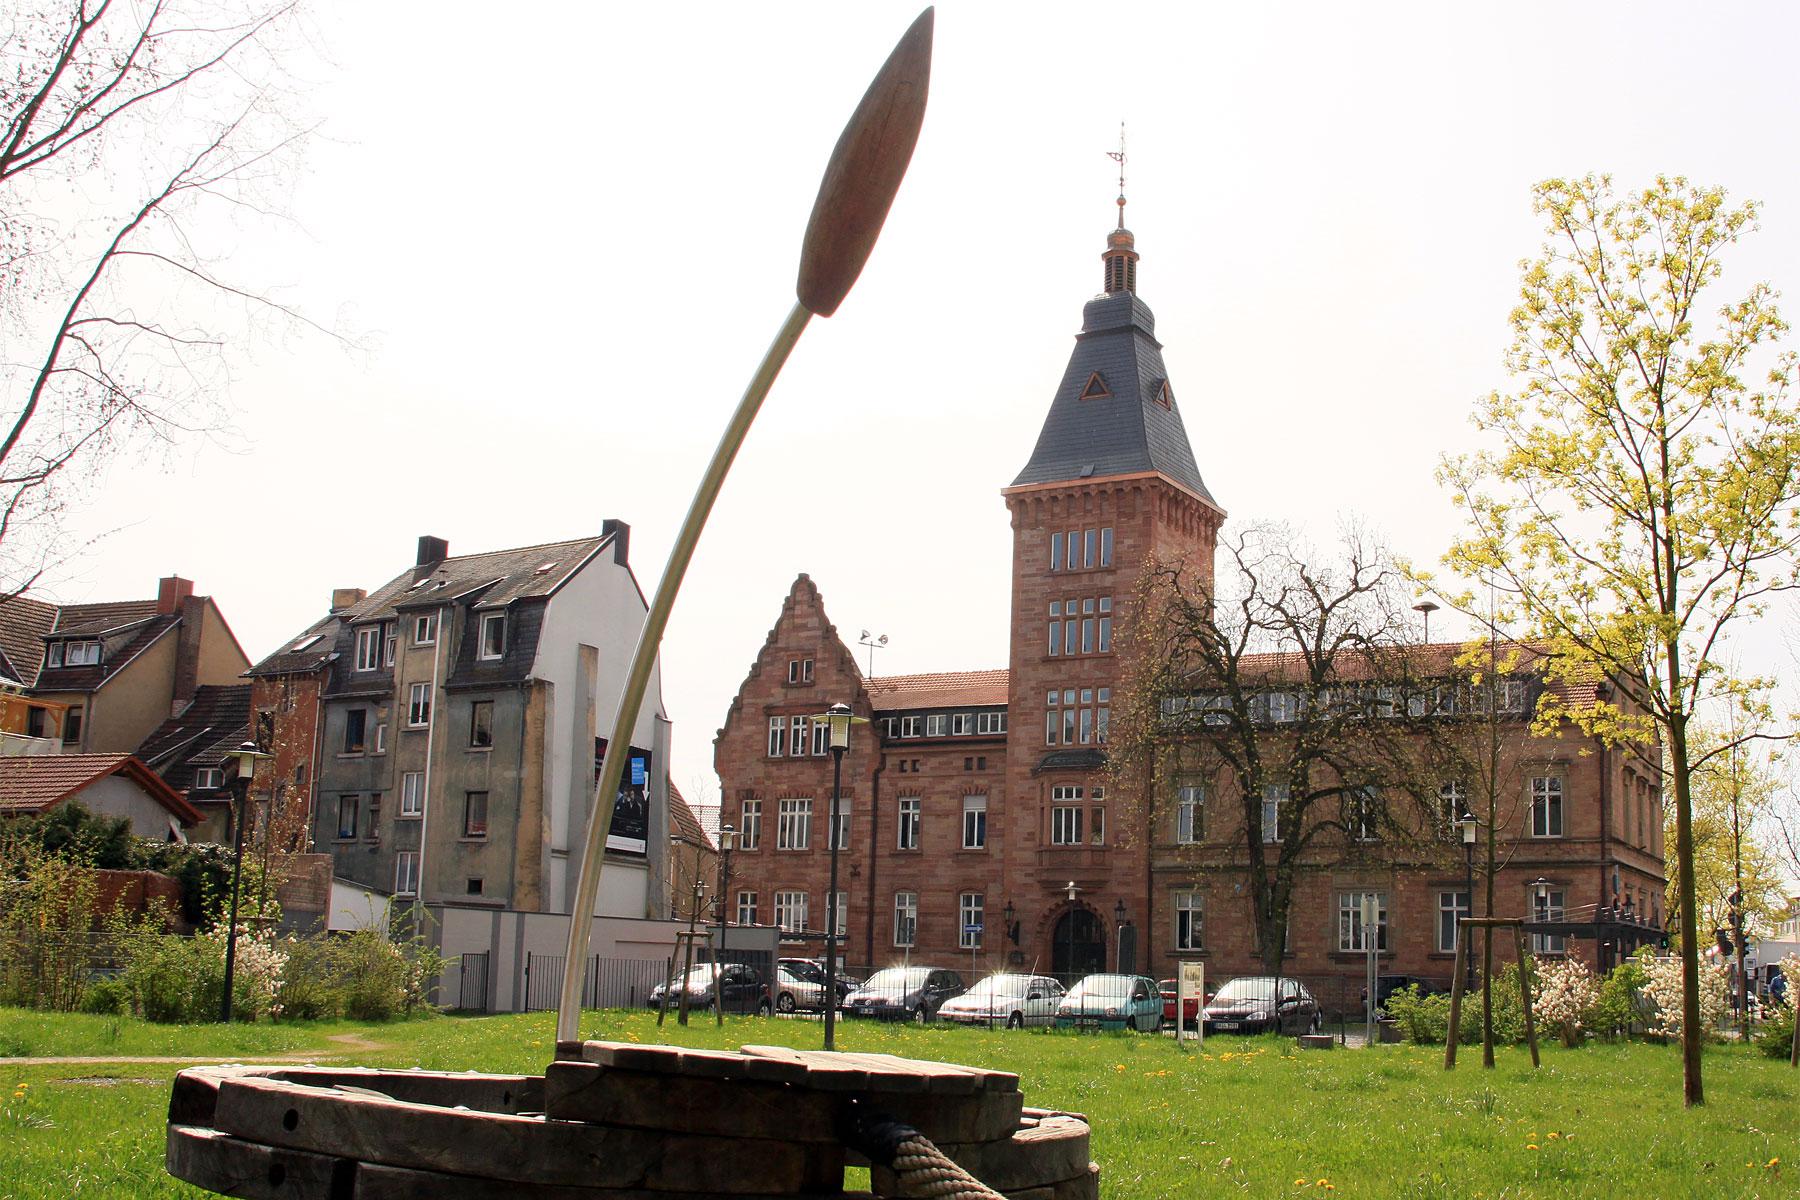 Blick auf das Dudweiler Rathaus